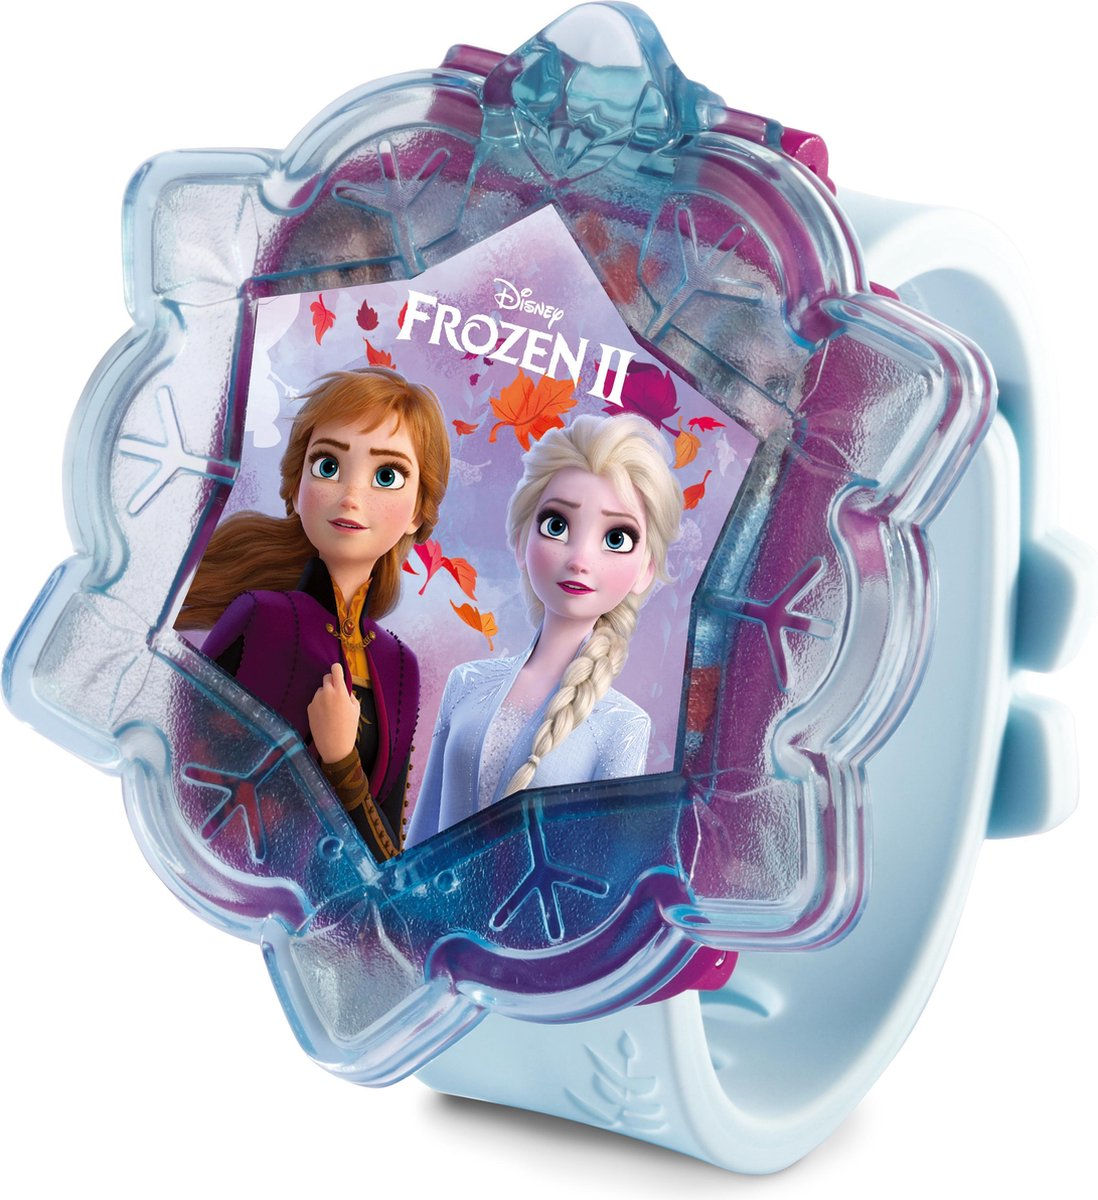 VTech Frozen II Learning Watch - Educatief Babyspeelgoed